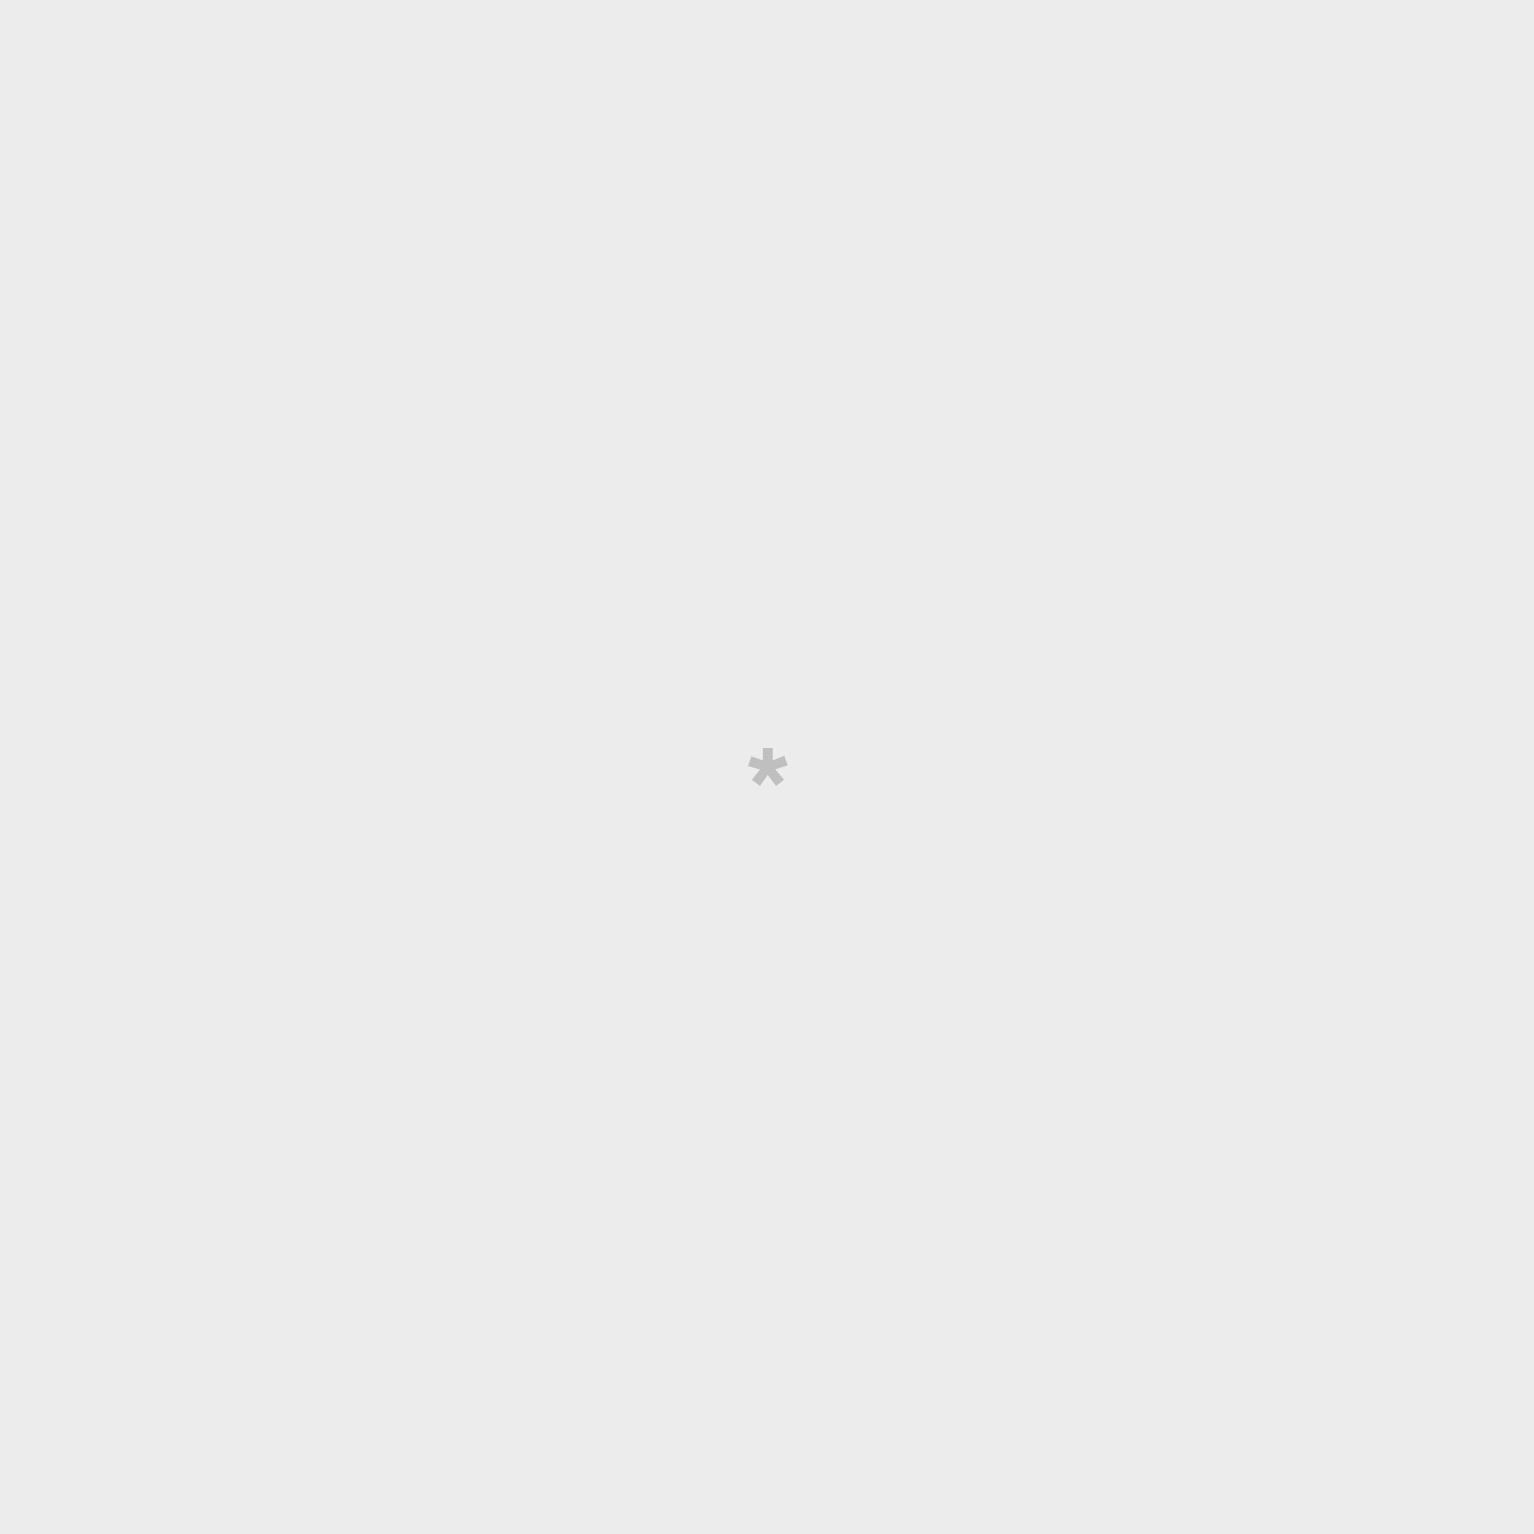 Caderno - As melhores aventuras começam com um caderno